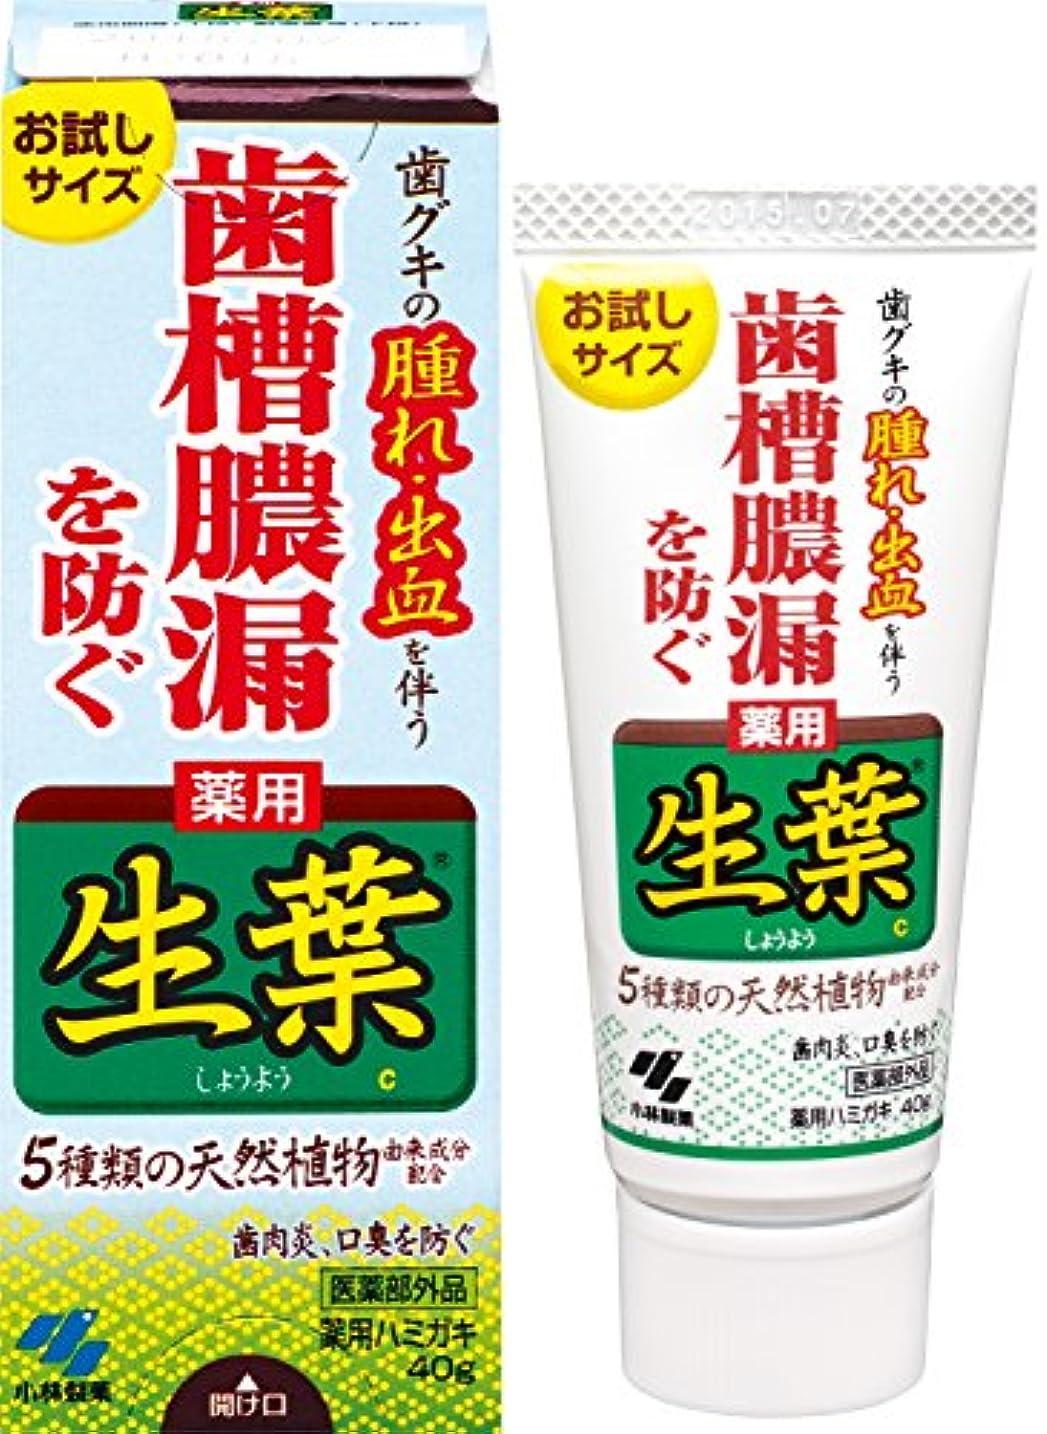 年金言語ニンニク生葉(しょうよう)お試しサイズ 歯槽膿漏を防ぐ 薬用ハミガキ ハーブミント味 40g 【医薬部外品】